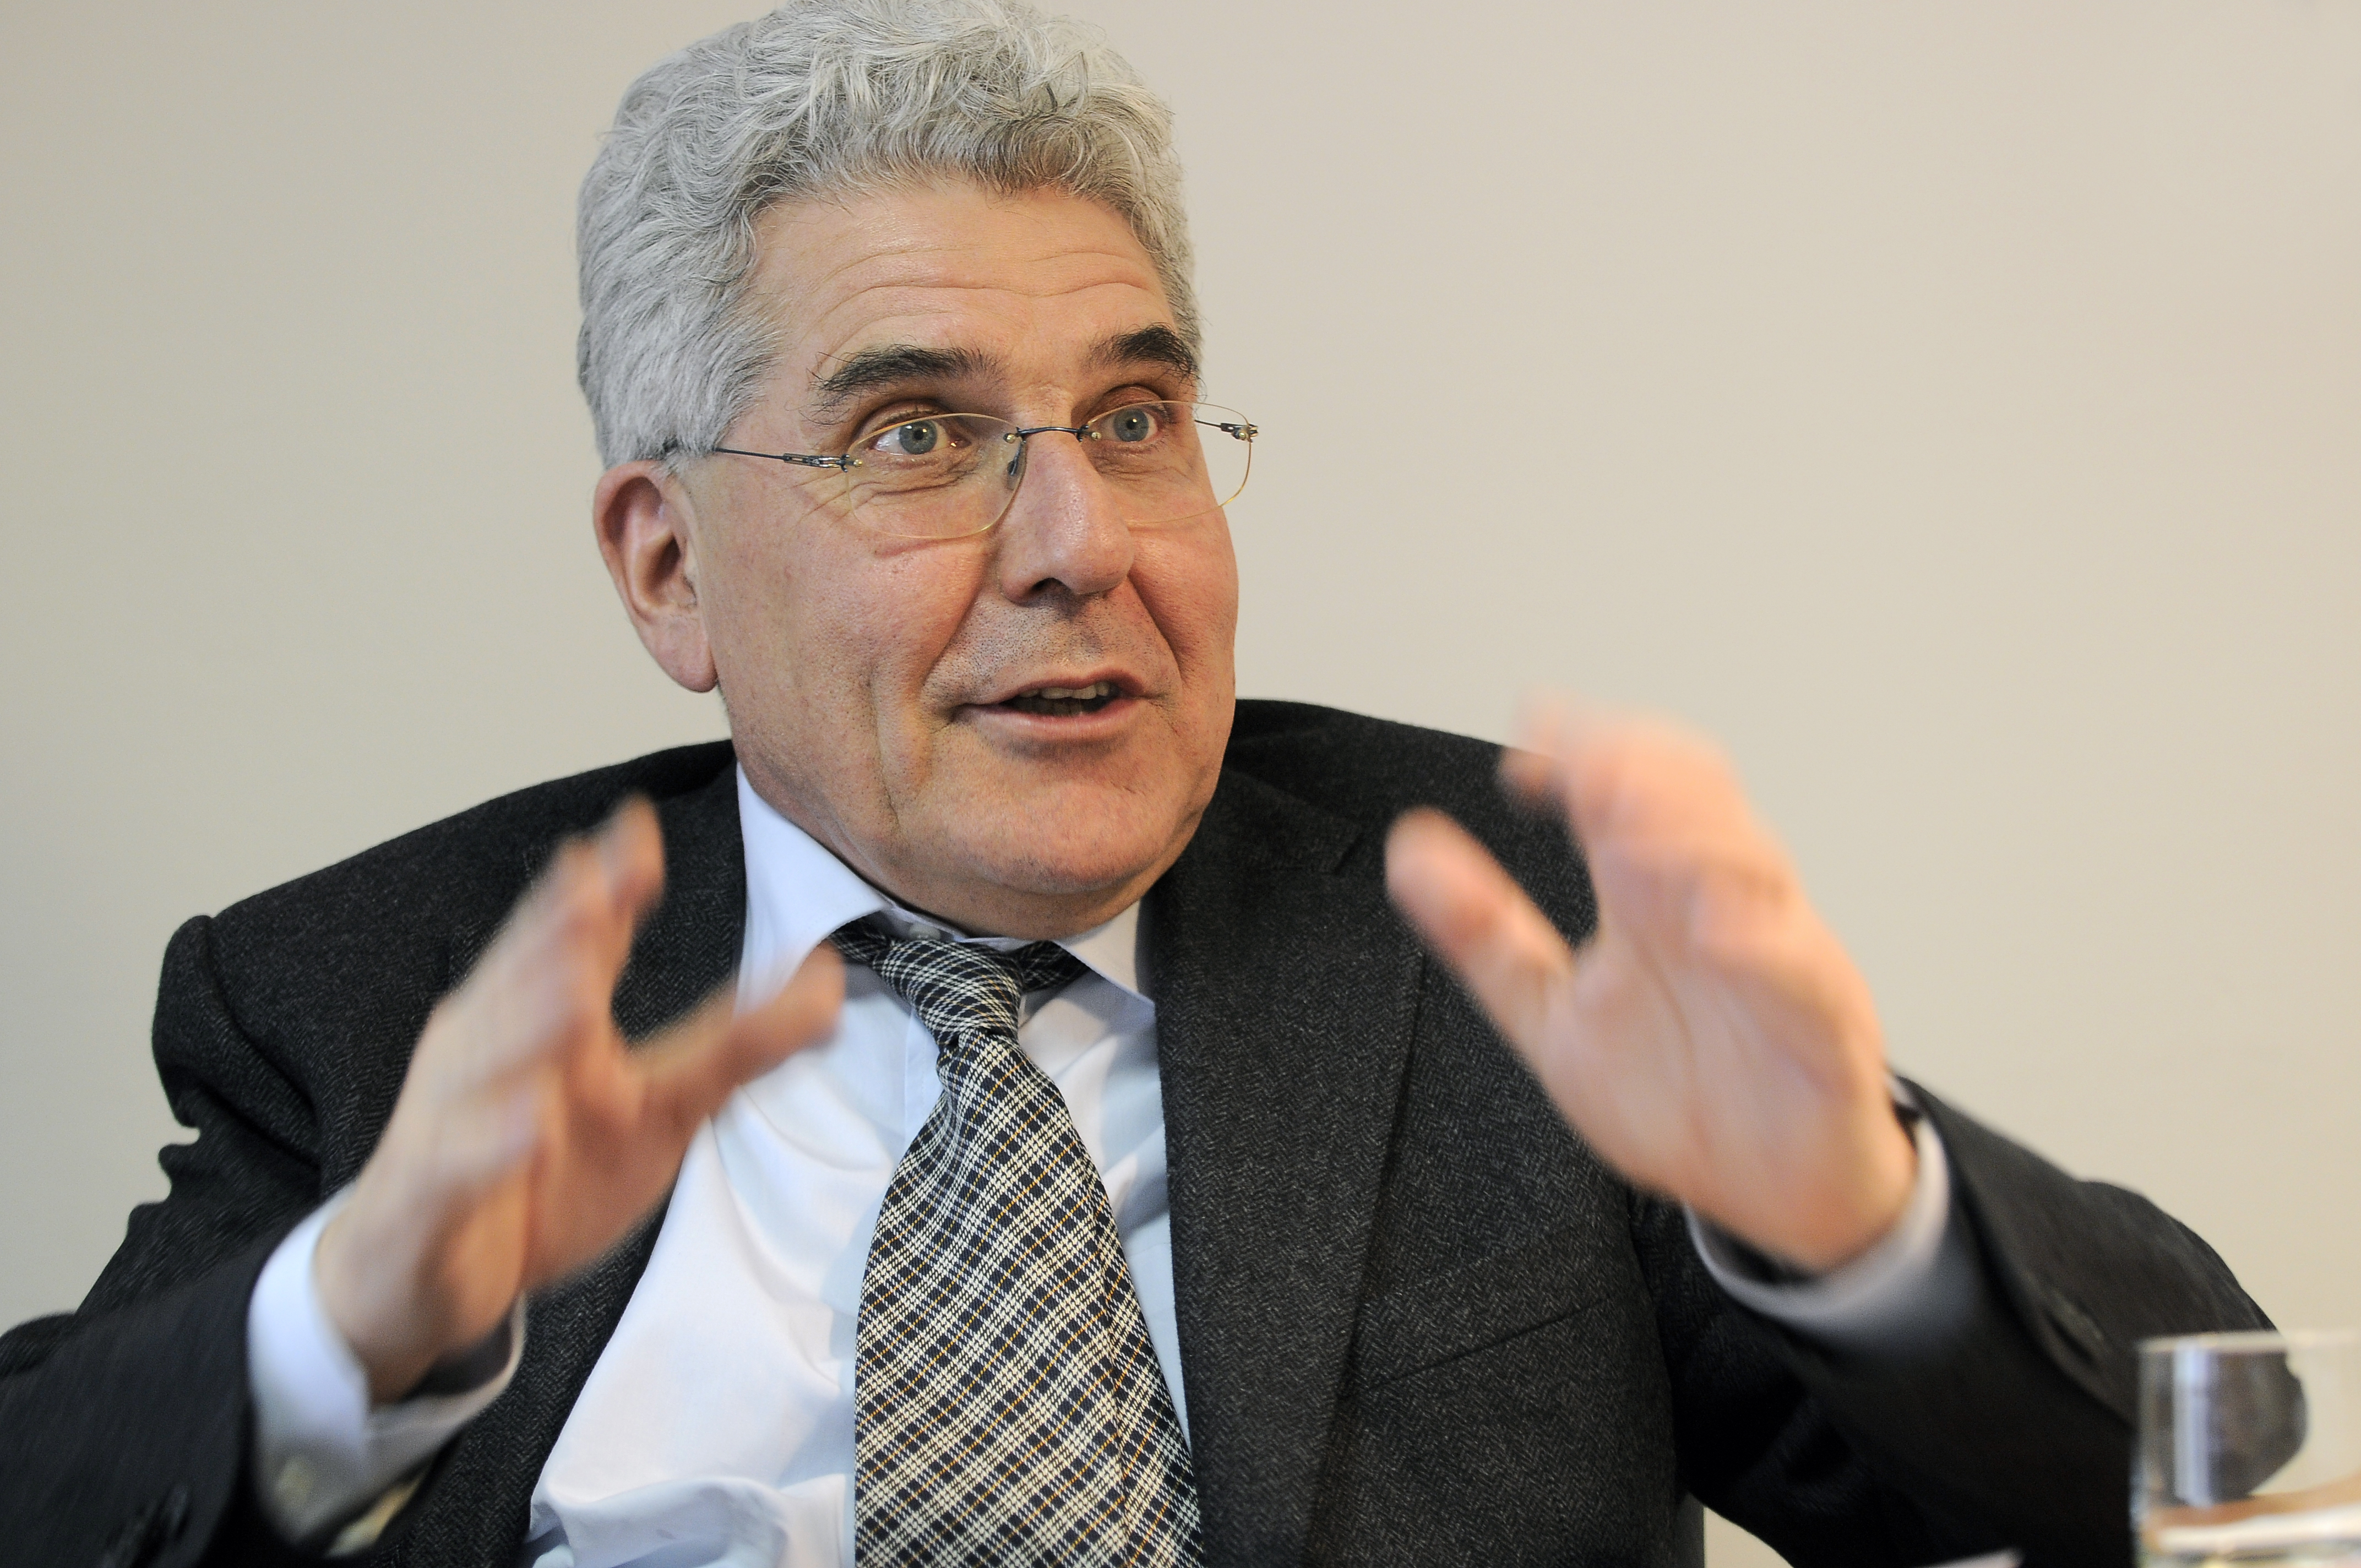 intervista del prof.Carlo Borzaga a Mac Pherson il pro. Carlo Borzaga